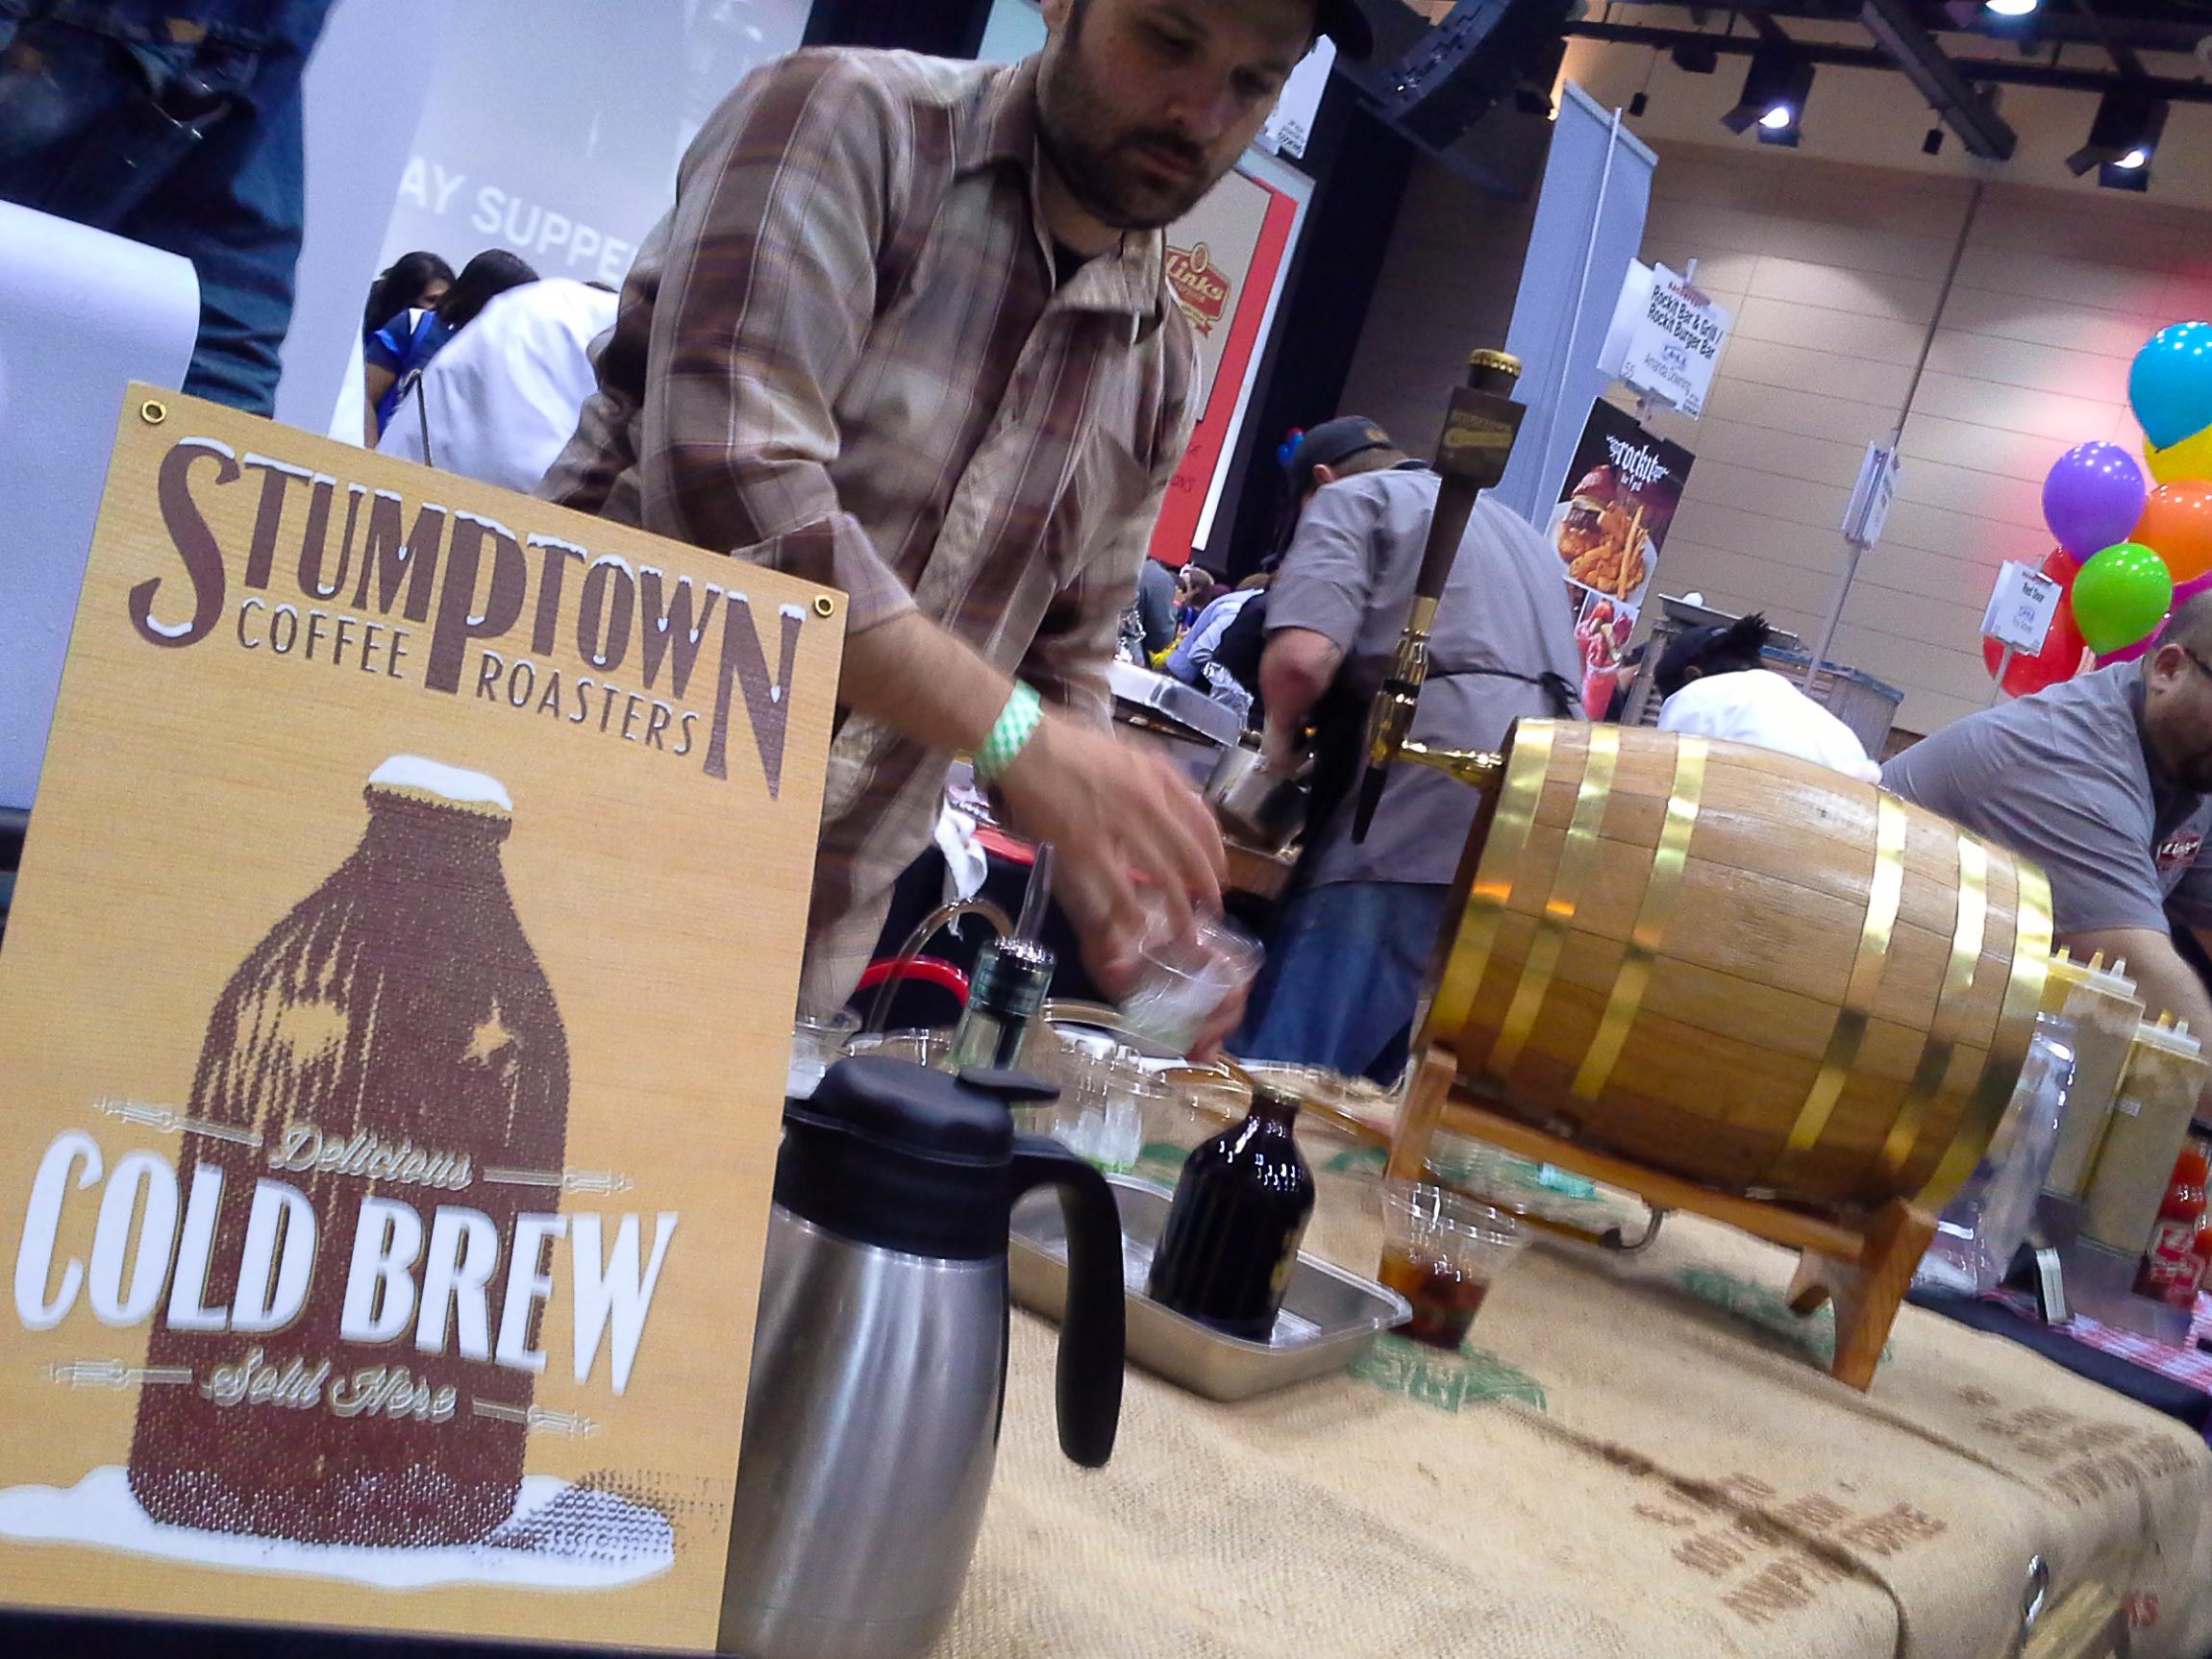 StumptownColdBrew-Coffee-20140426